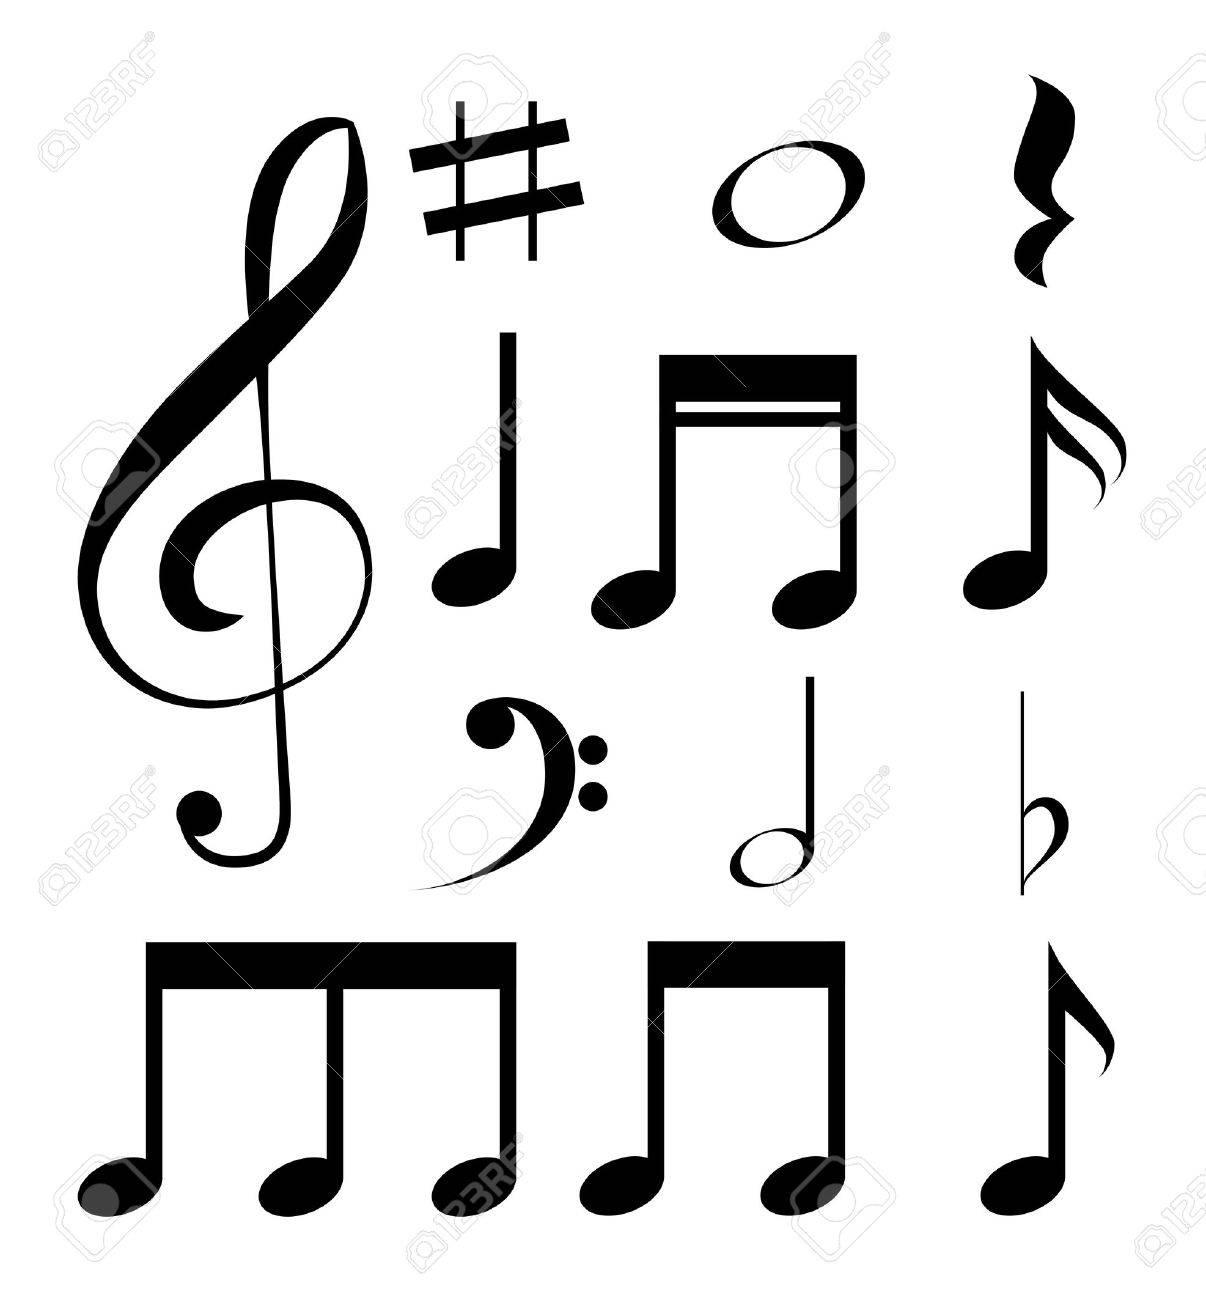 Music design, vector illustration eps 10. - 44066667